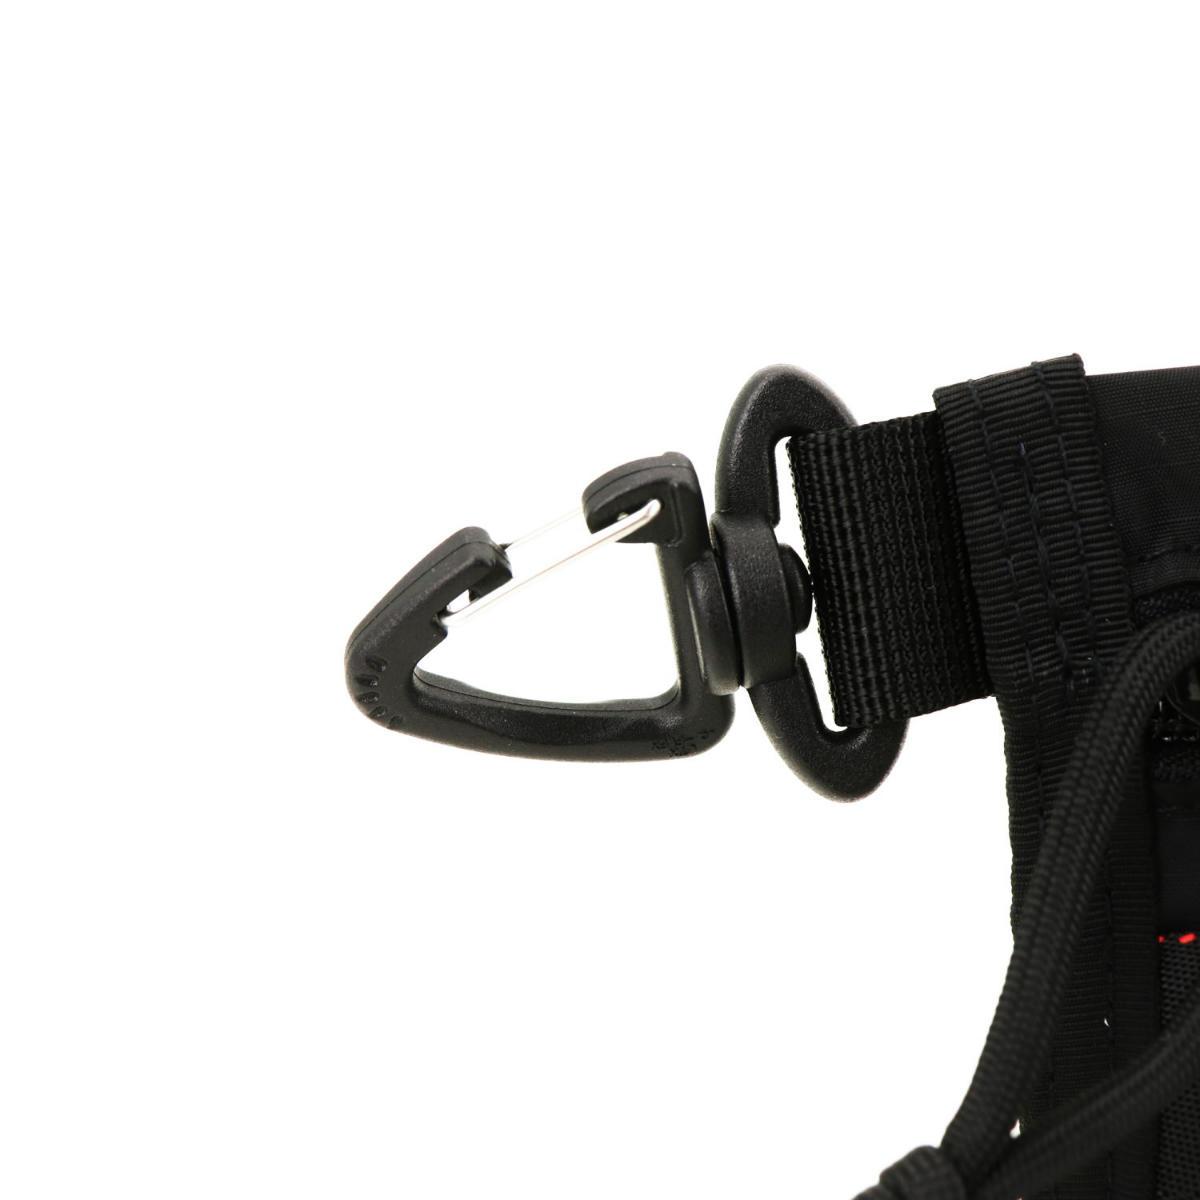 ブリーフィングゴルフ BRIEFING GOLF VIROBLOCK GLOVE&MASK POUCH グローブ&マスクポーチ 100D RIPSTOP NYLON SERIES BRG211G22 BRG 010 BLACK(ブラック) 春夏新作